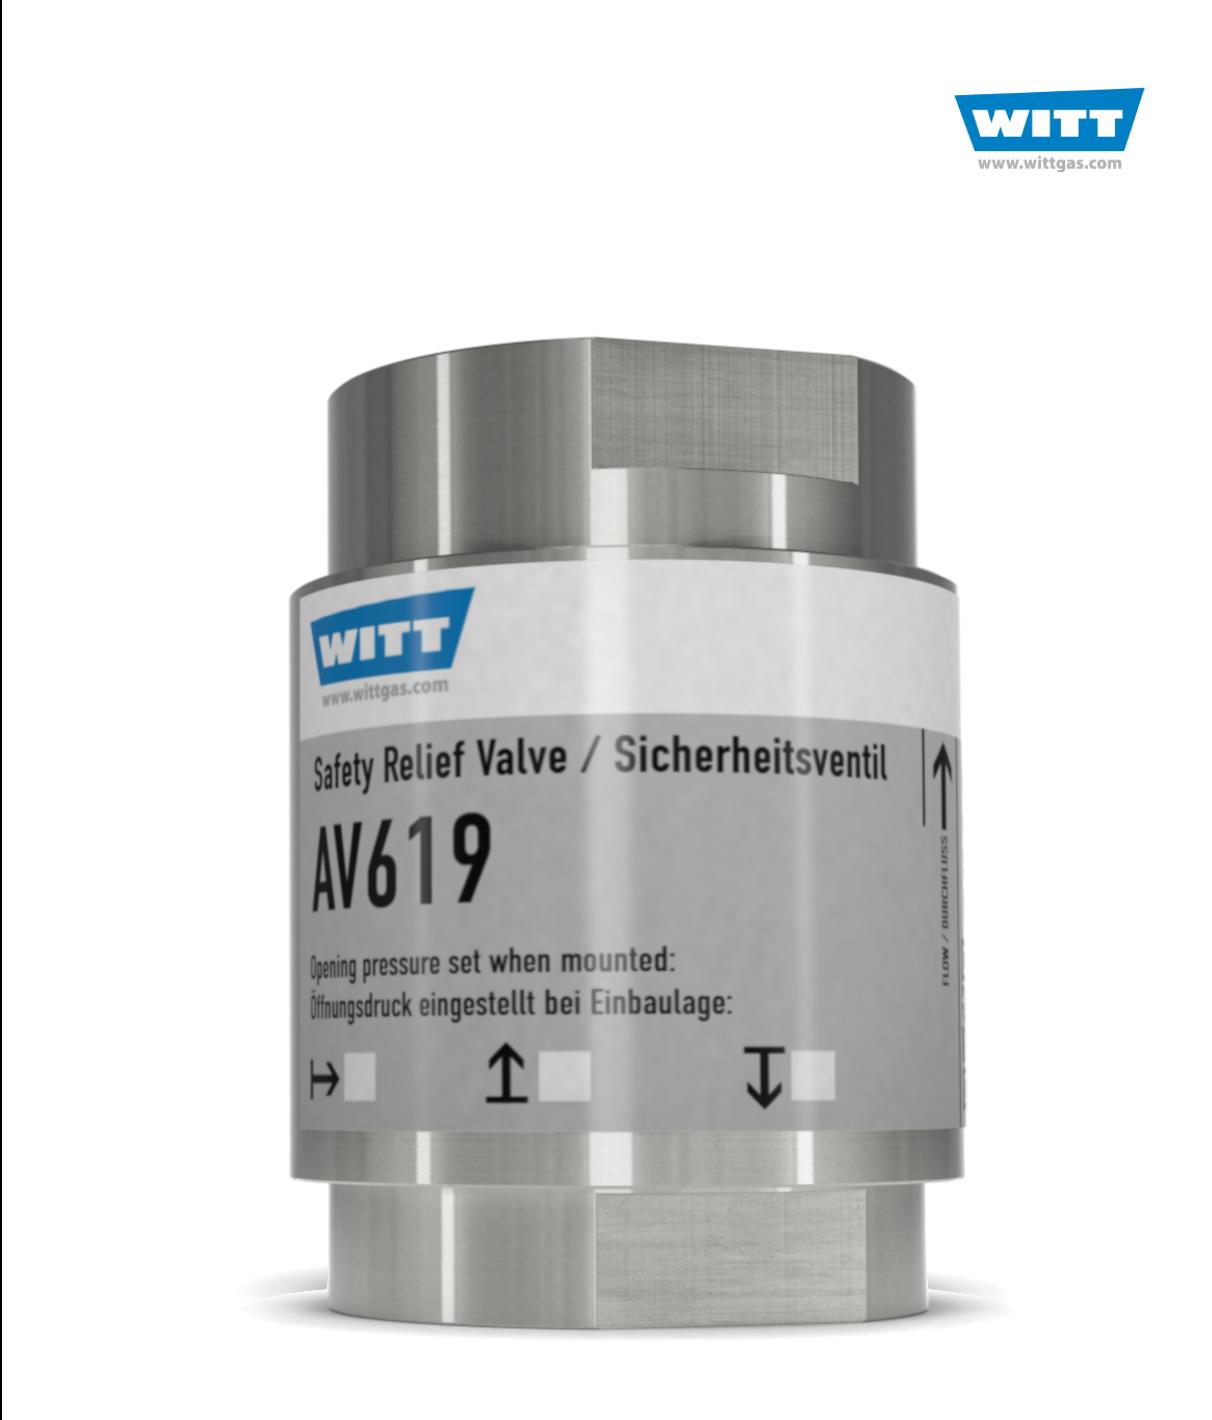 witt AV619